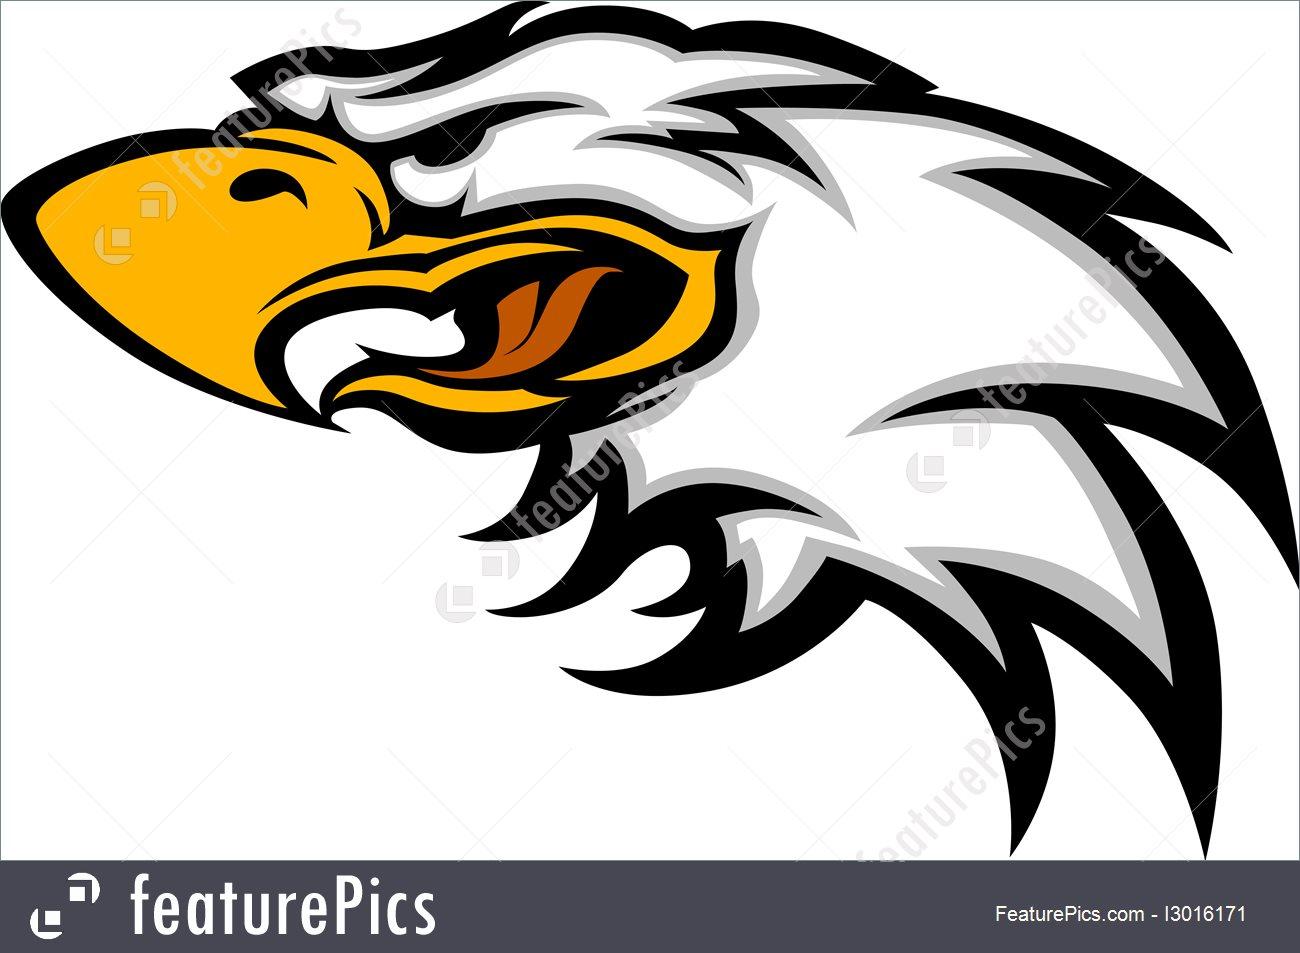 1300x953 Eagle Mascot Head Vector Graphic